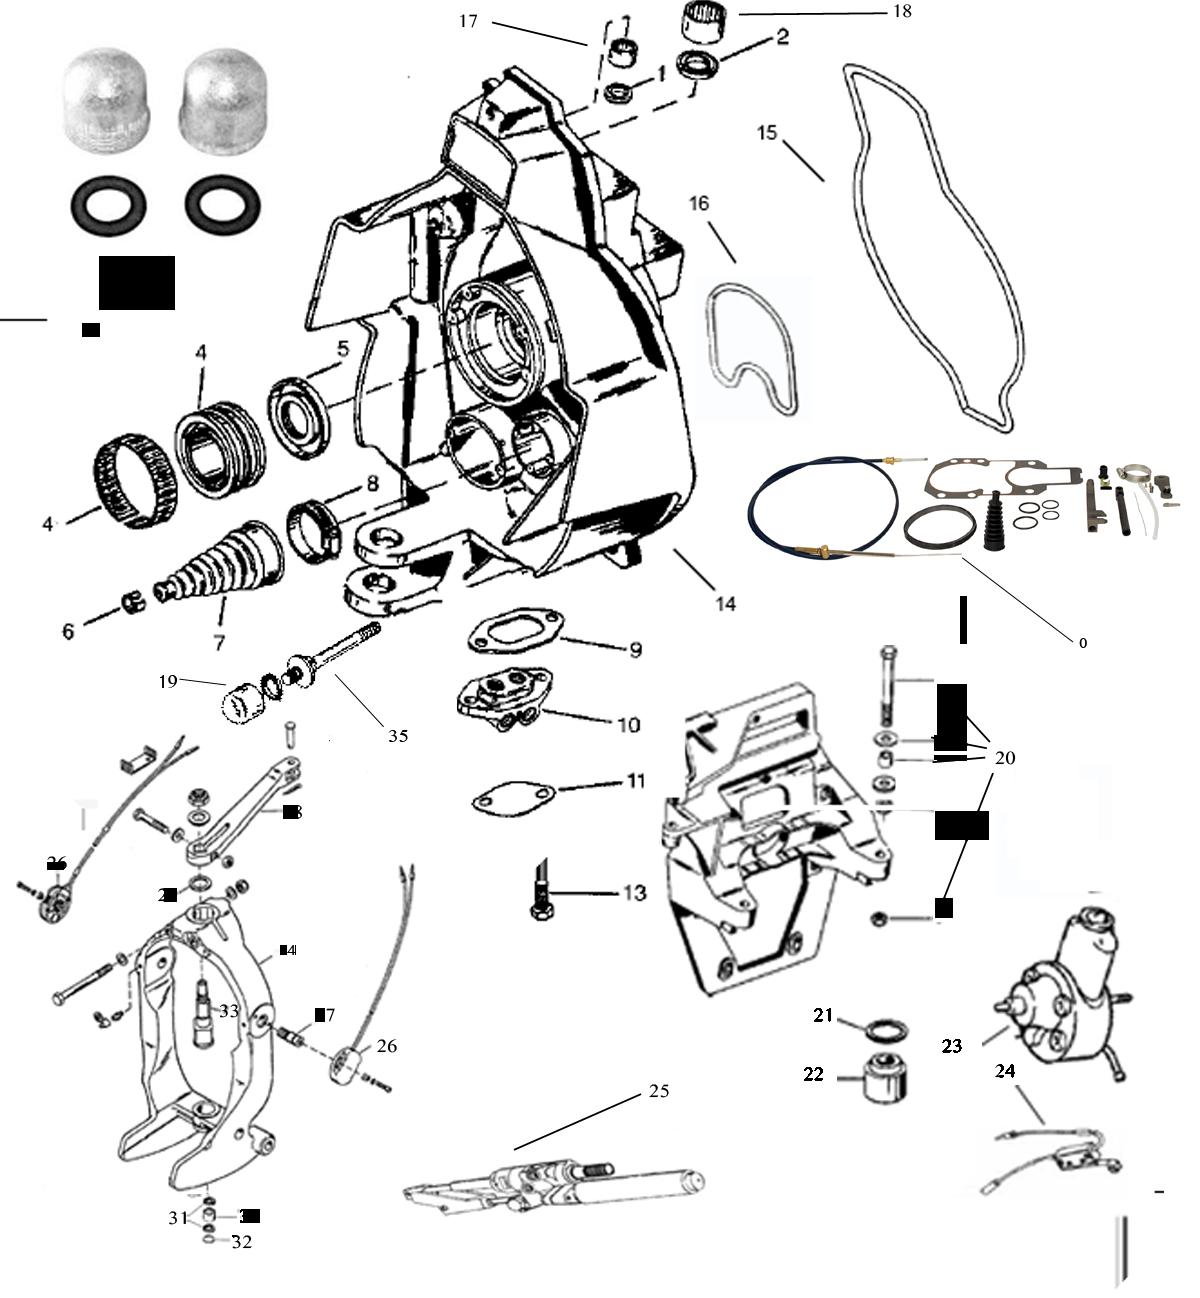 MerCruiser Alpha One Gen. 1 (1975-1990) skjolddele liste 2